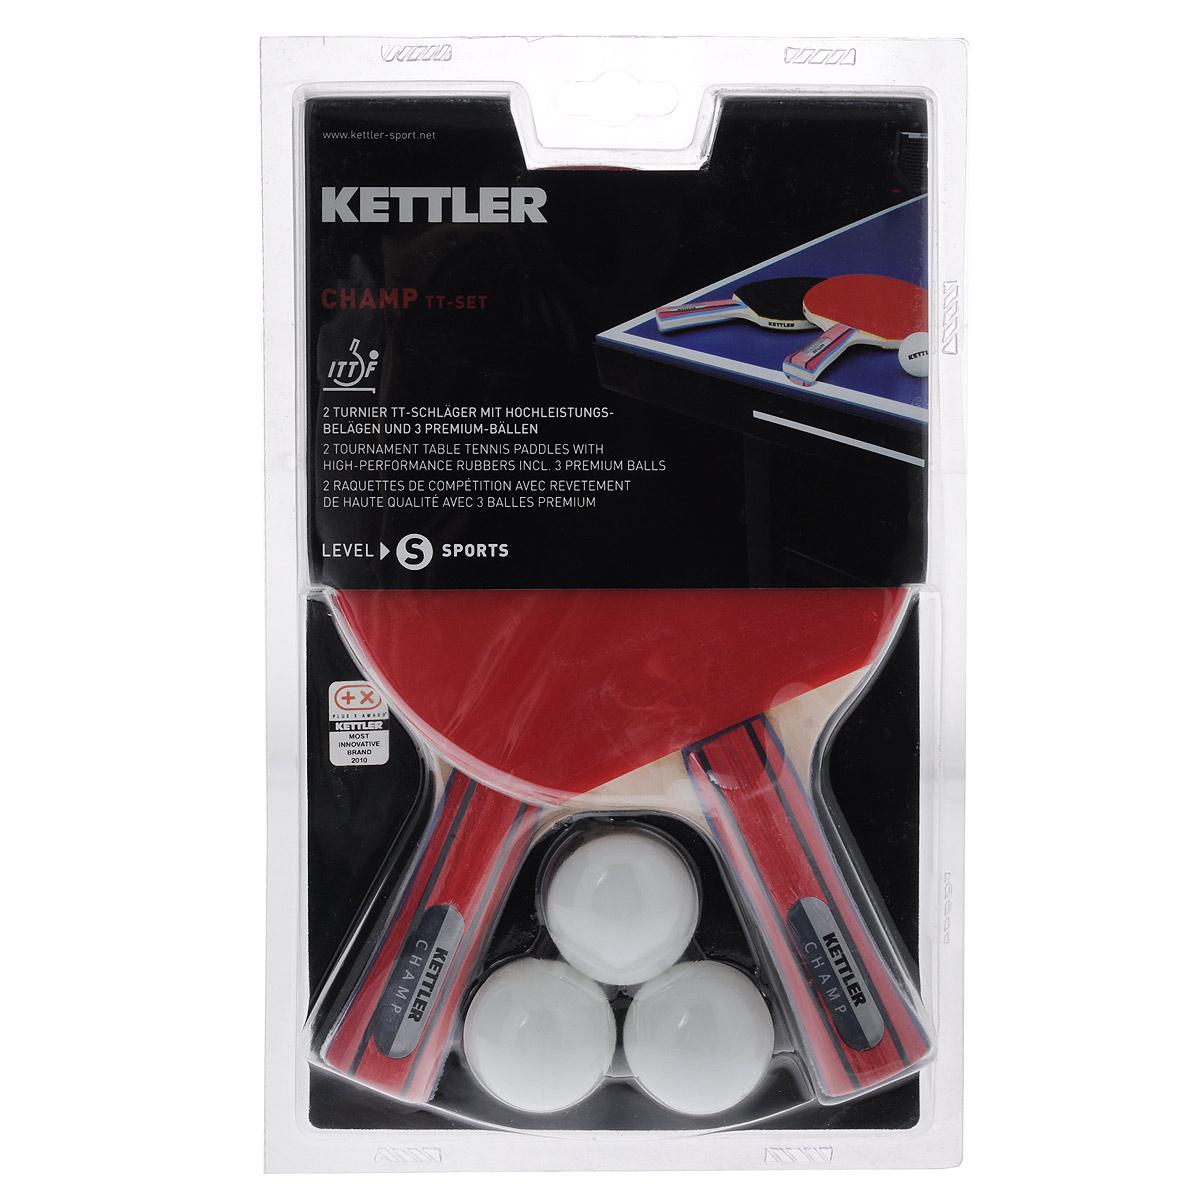 Набор для настольного тенниса Kettler Champ, 5 предметов3B327Набор для настольного тенниса Kettler Champ включает в себя 2 профессиональные ракетки и 3 белых мячика, предназначен для опытных игроков. Ракетки выполнены из пятислойной фанеры и оснащены накладками из резины толщиной 1,5 мм. Анатомическая рукоятка эргономичной формы специально разработана для надежного хвата и комфортной игры. Хороший контроль, отличные игровые характеристики, высокая скорость игры. В набор также входят 3 мяча (3 звезды/40 мм). Настольный теннис - спортивная игра, основанная на перекидывании мяча ракетками через игровой стол с сеткой, цель которой- не дать противнику отбить мяч.Игра в настольный теннис развивает концентрацию, внимание, ловкость и координацию. Длина ракетки: 25 см. Диаметр шара: 4 см. Класс: S. Скорость: 80%. Вращение: 70%. Контроль: 60%.